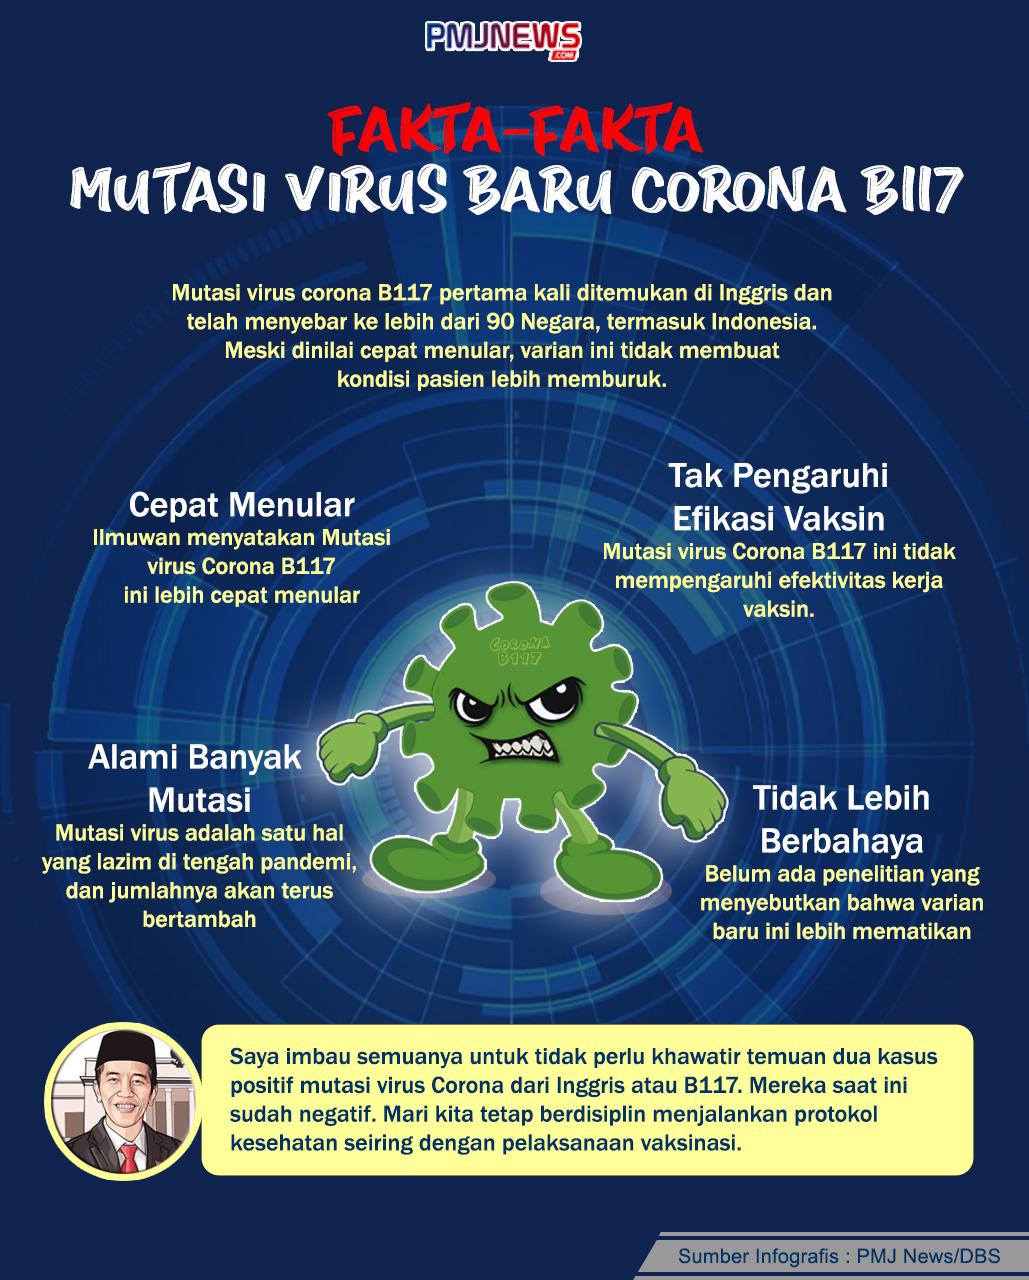 Mutasi Virus Baru Corona B117 tidak membuat kondisi pasien lebih memburuk. (Foto: PMJ News/Ilustrasi/Hadi).